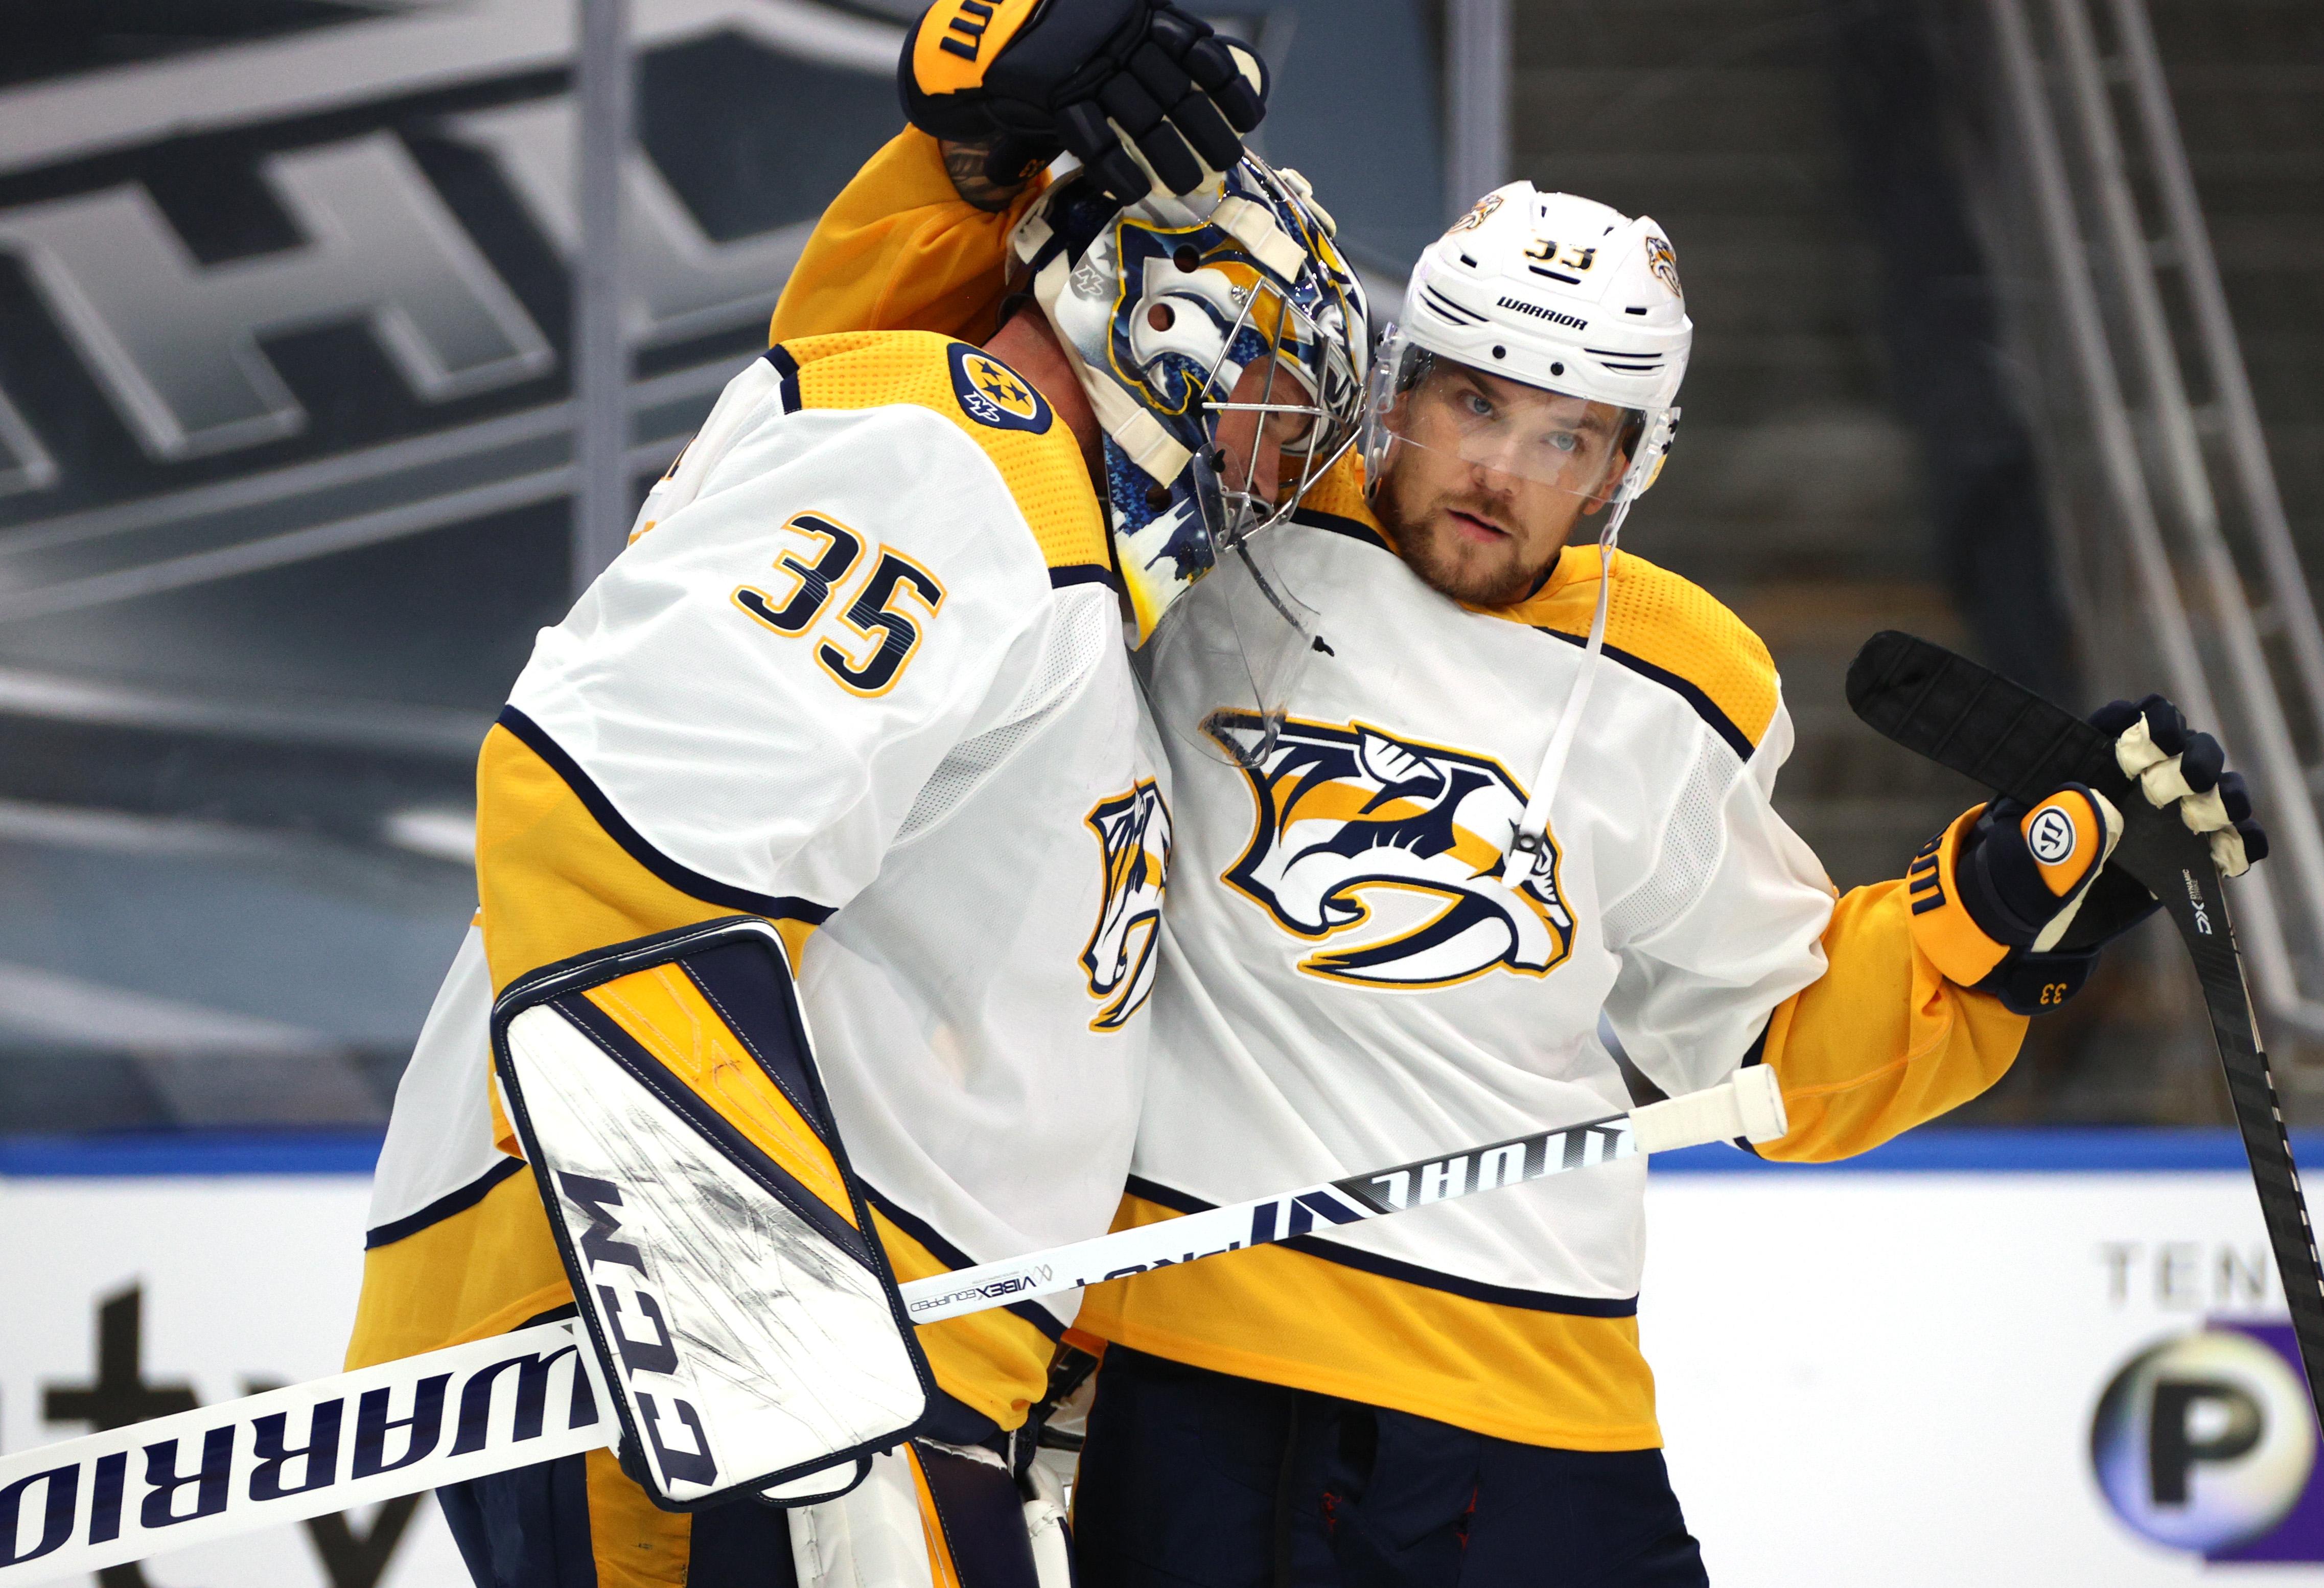 NHL: Exhibition-Nashville Predators vs Dallas Stars